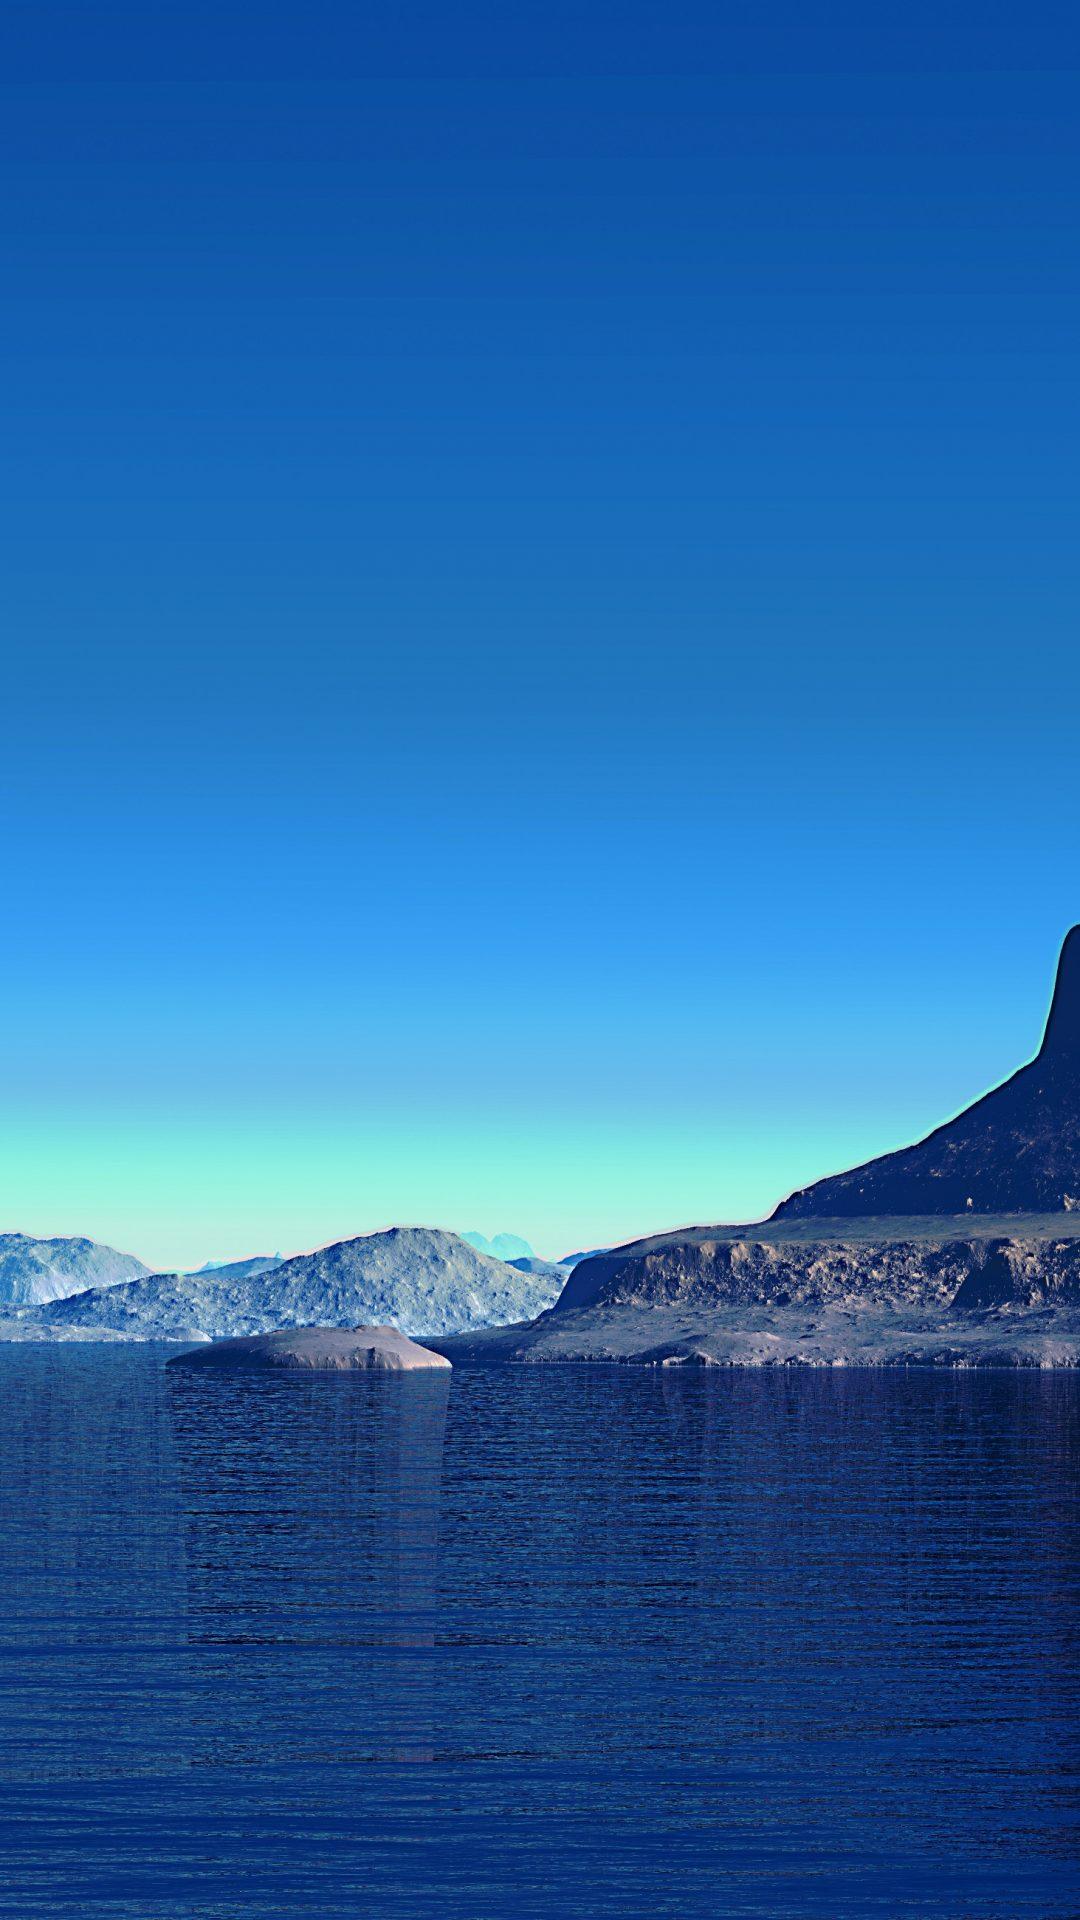 Alien Planet Landscape 4k Uhd Wallpaper